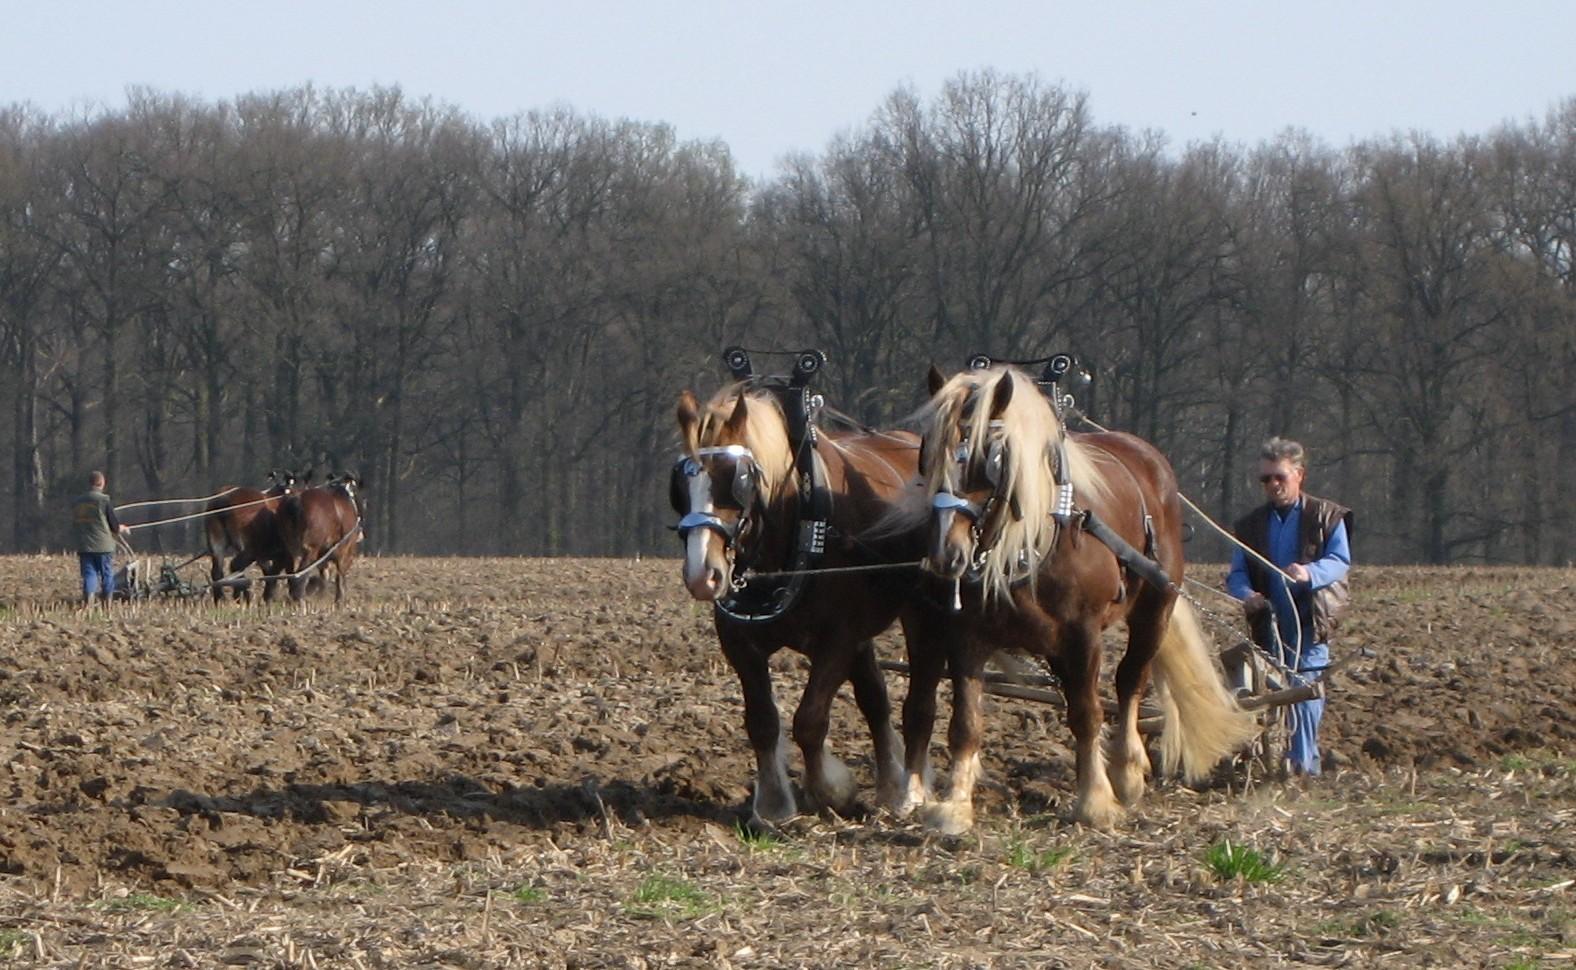 Breeding horses